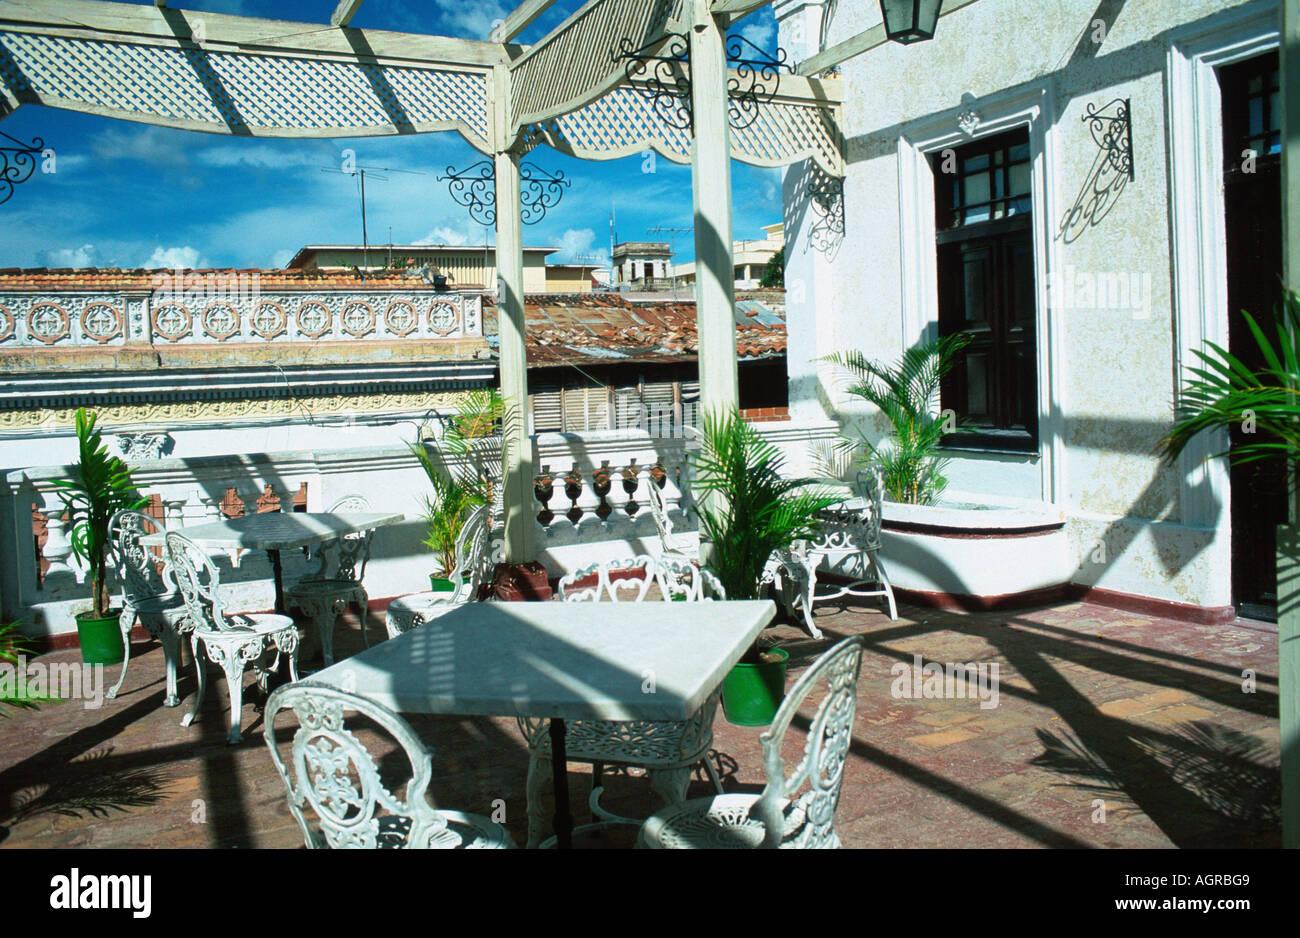 Awesome Terrazza Sul Tetto Definizione Pictures - Amazing Design ...